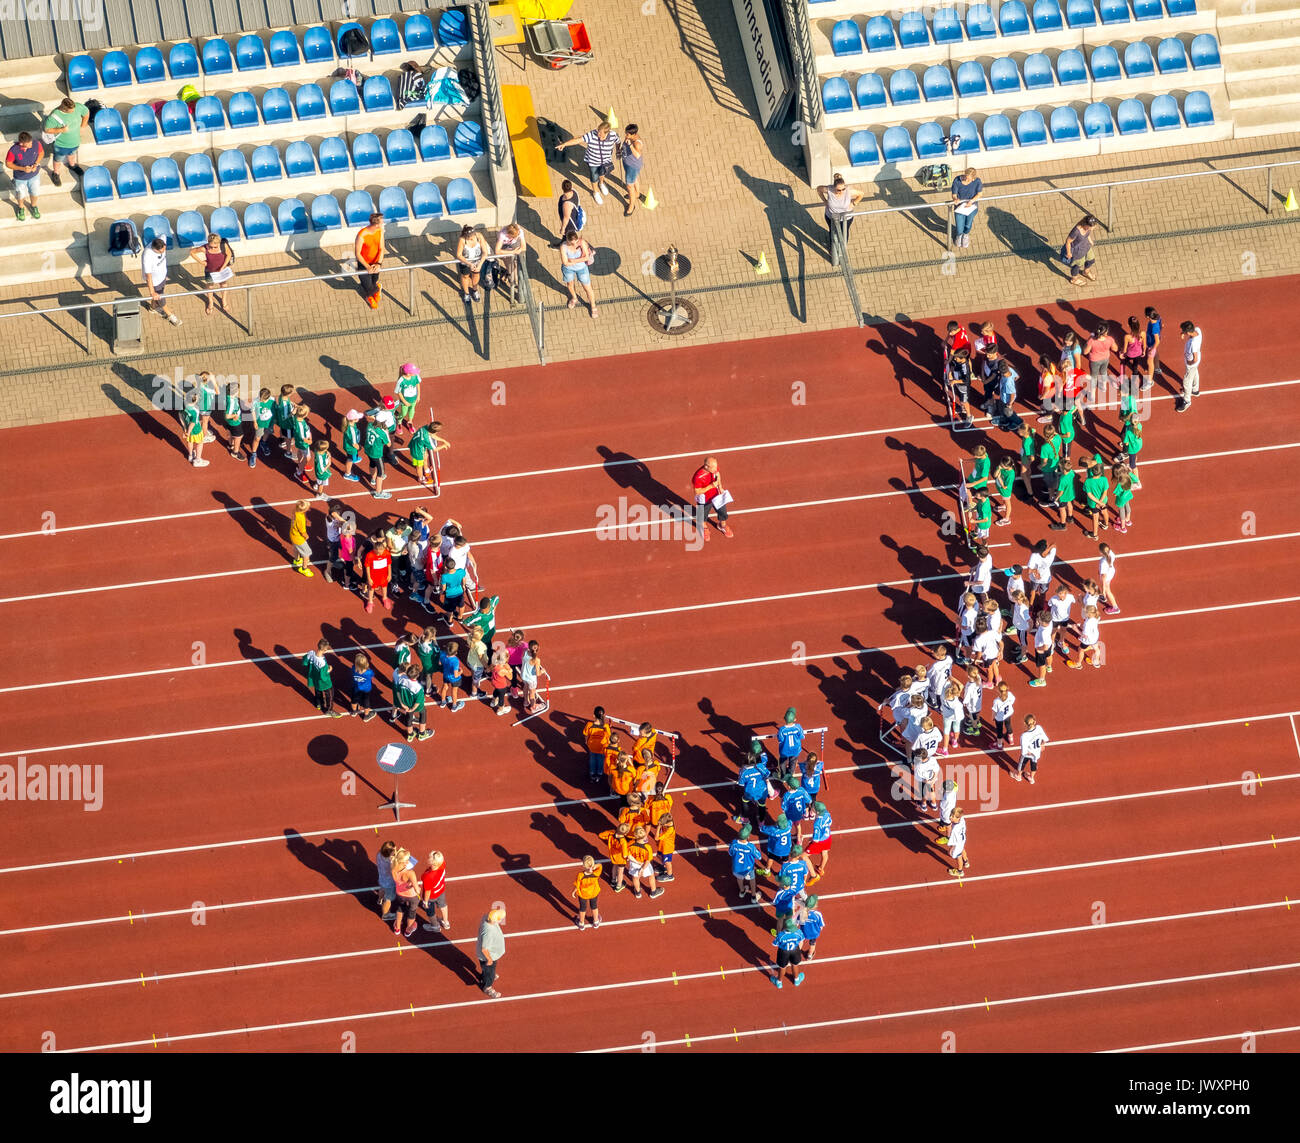 Concorsi e organizzatori annuncio sul rosso acceso via in Jahnstadion Bottrop, Federale Giochi della Gioventù, Spportler, competizioni sportive, scuola Immagini Stock